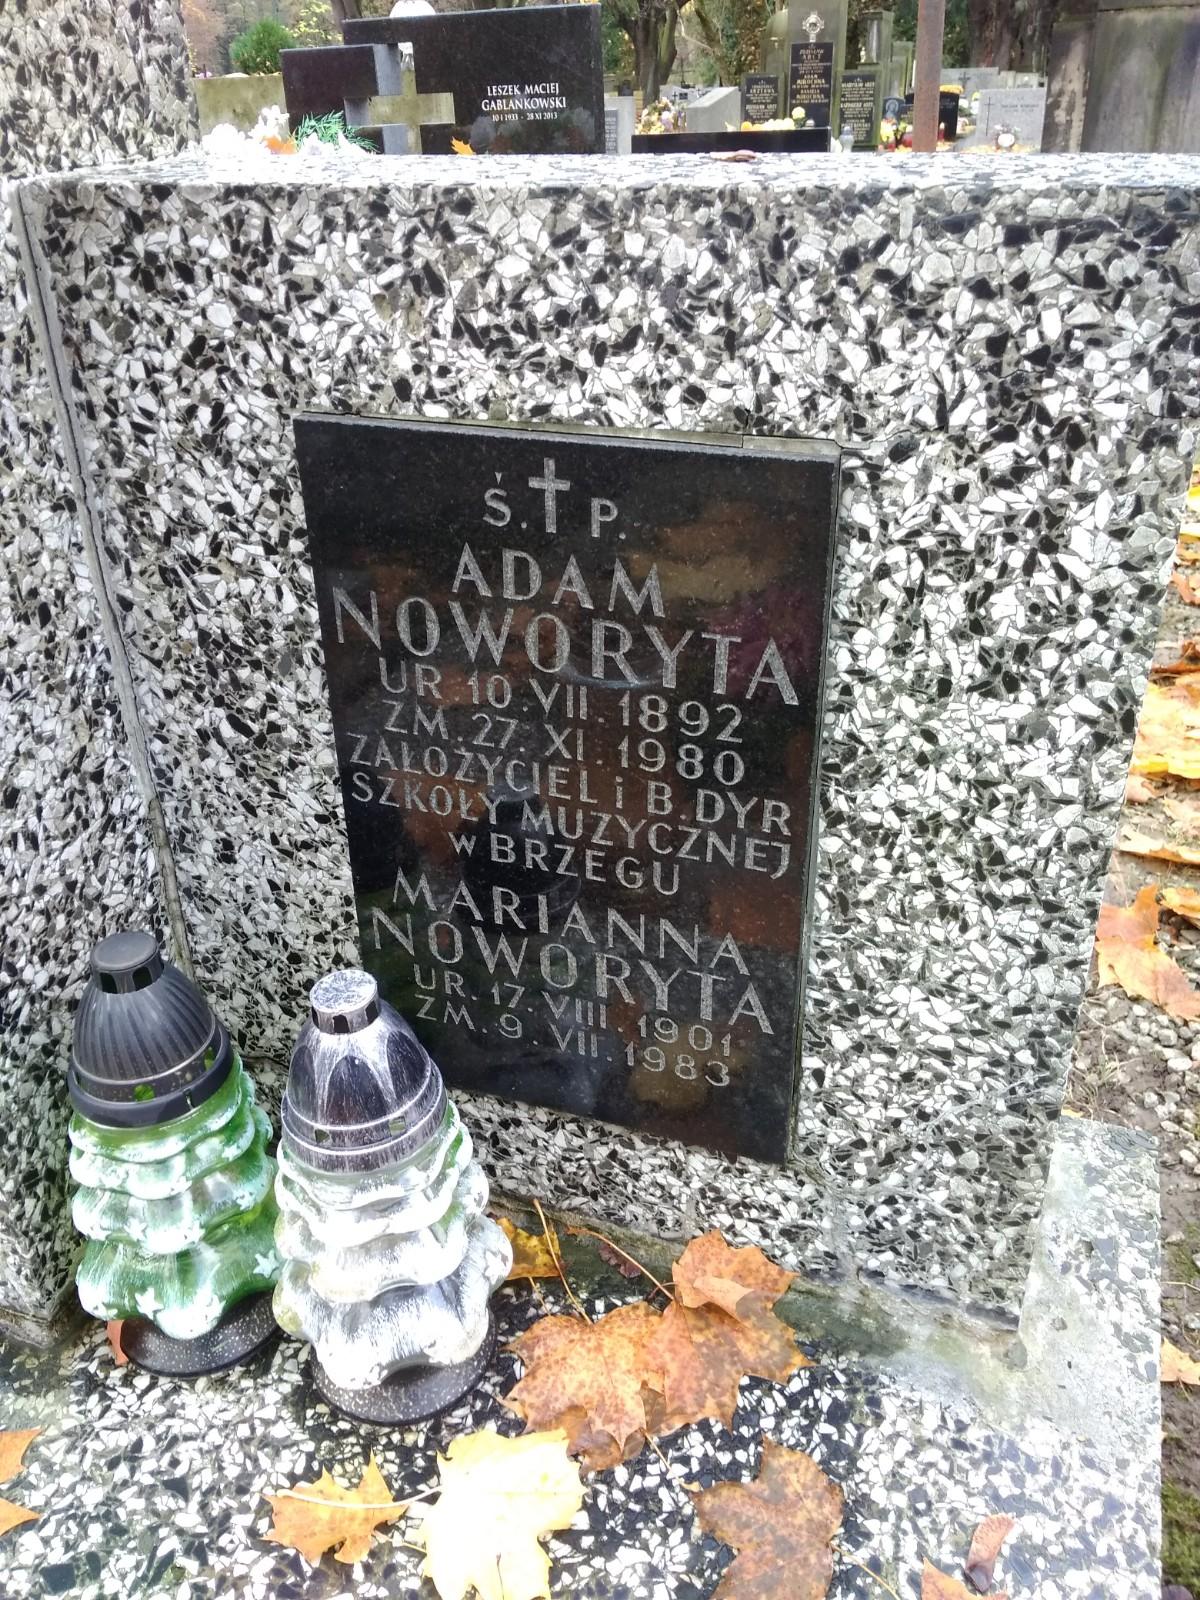 Grób Adama Noworyty na krakowskim cmentarzu przy Rakowickiej